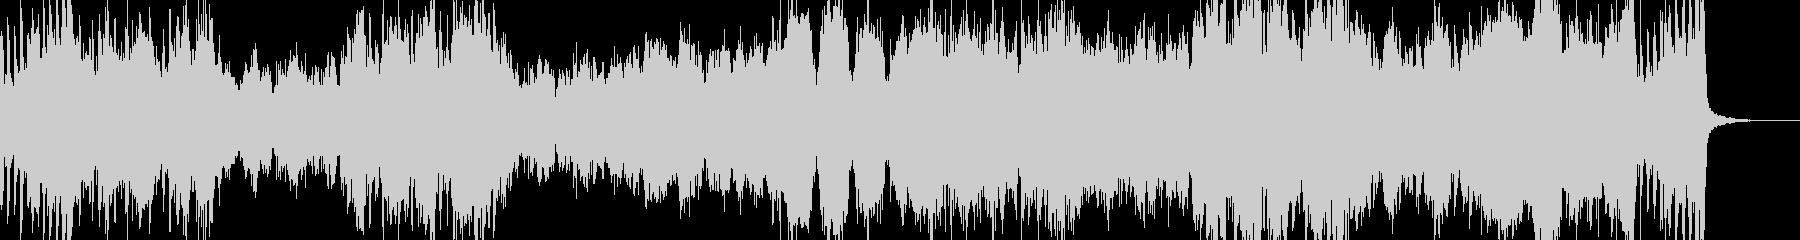 バトル オーケストラ RPGの未再生の波形